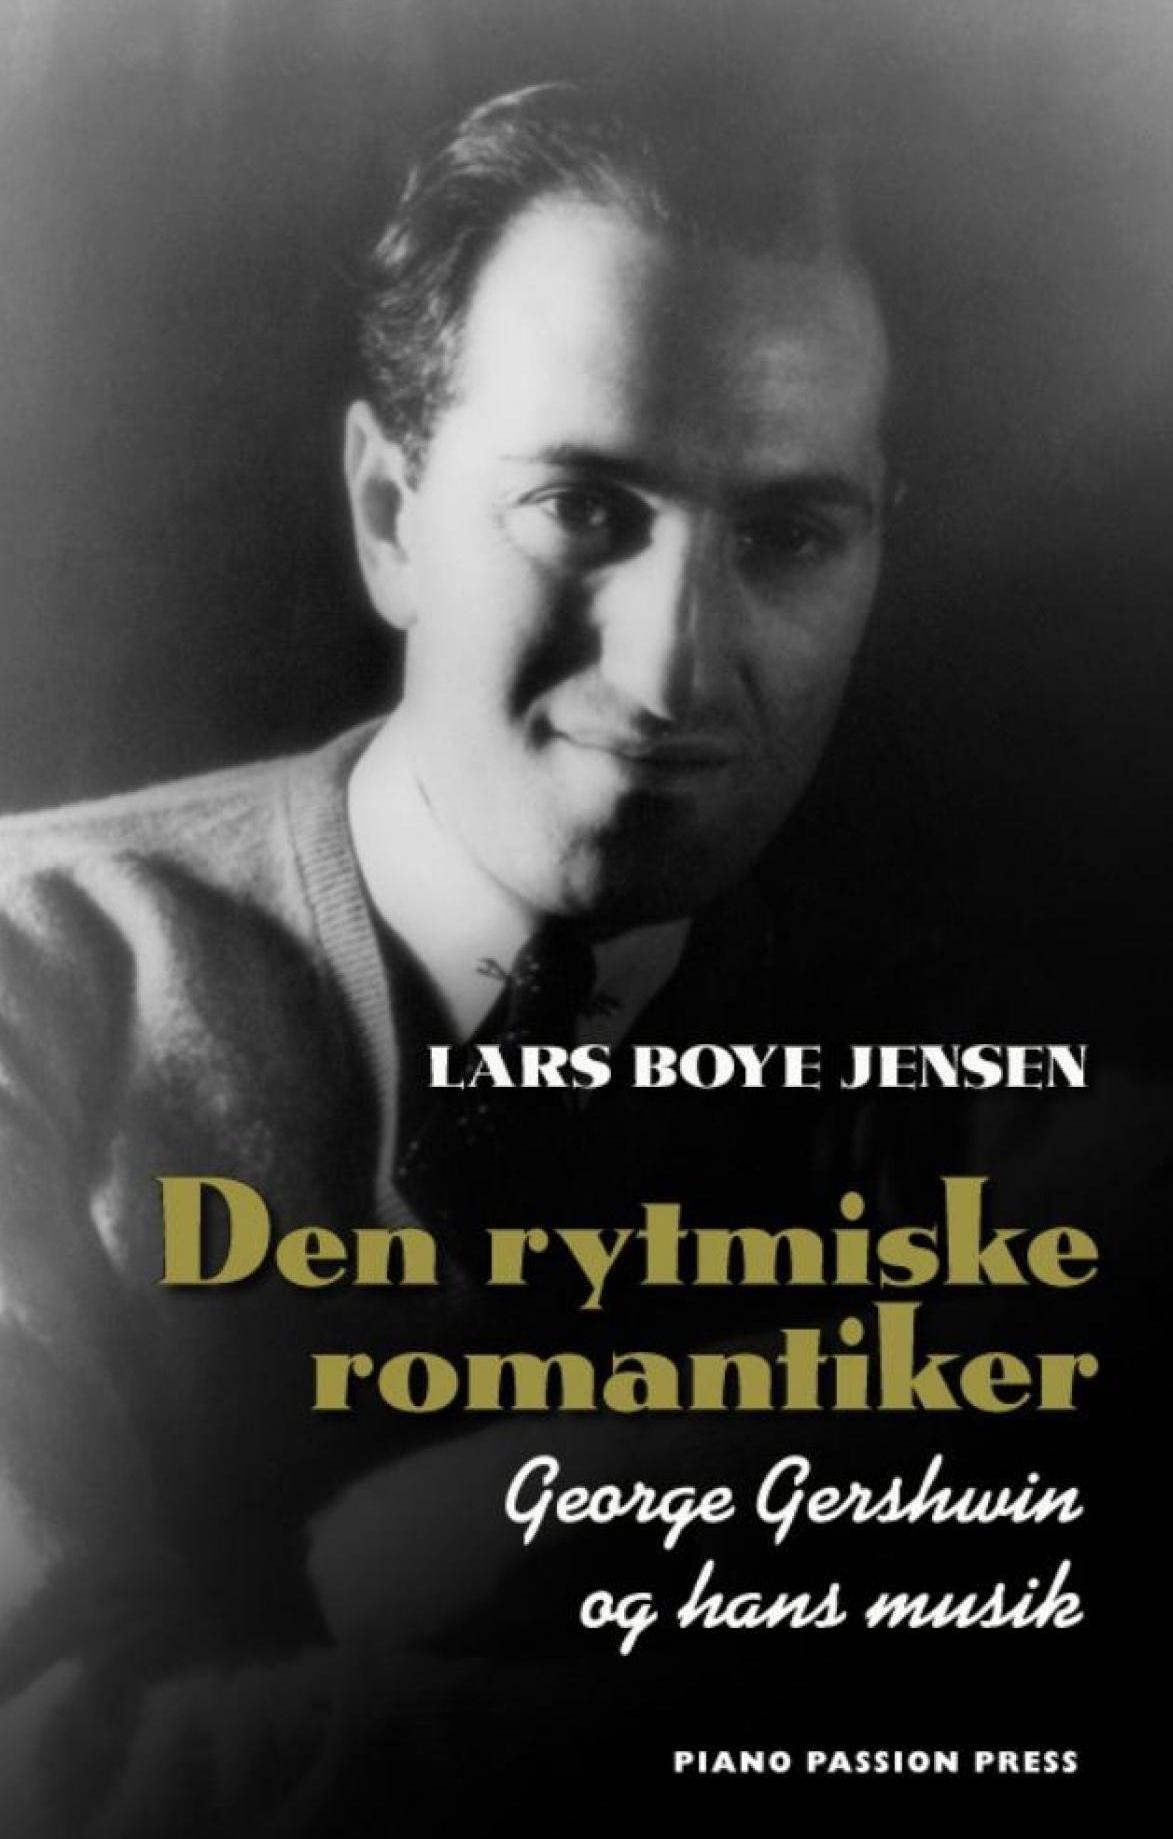 Den rytmiske romantiker: George Gershwin og hans musik Lars Boye Jensen